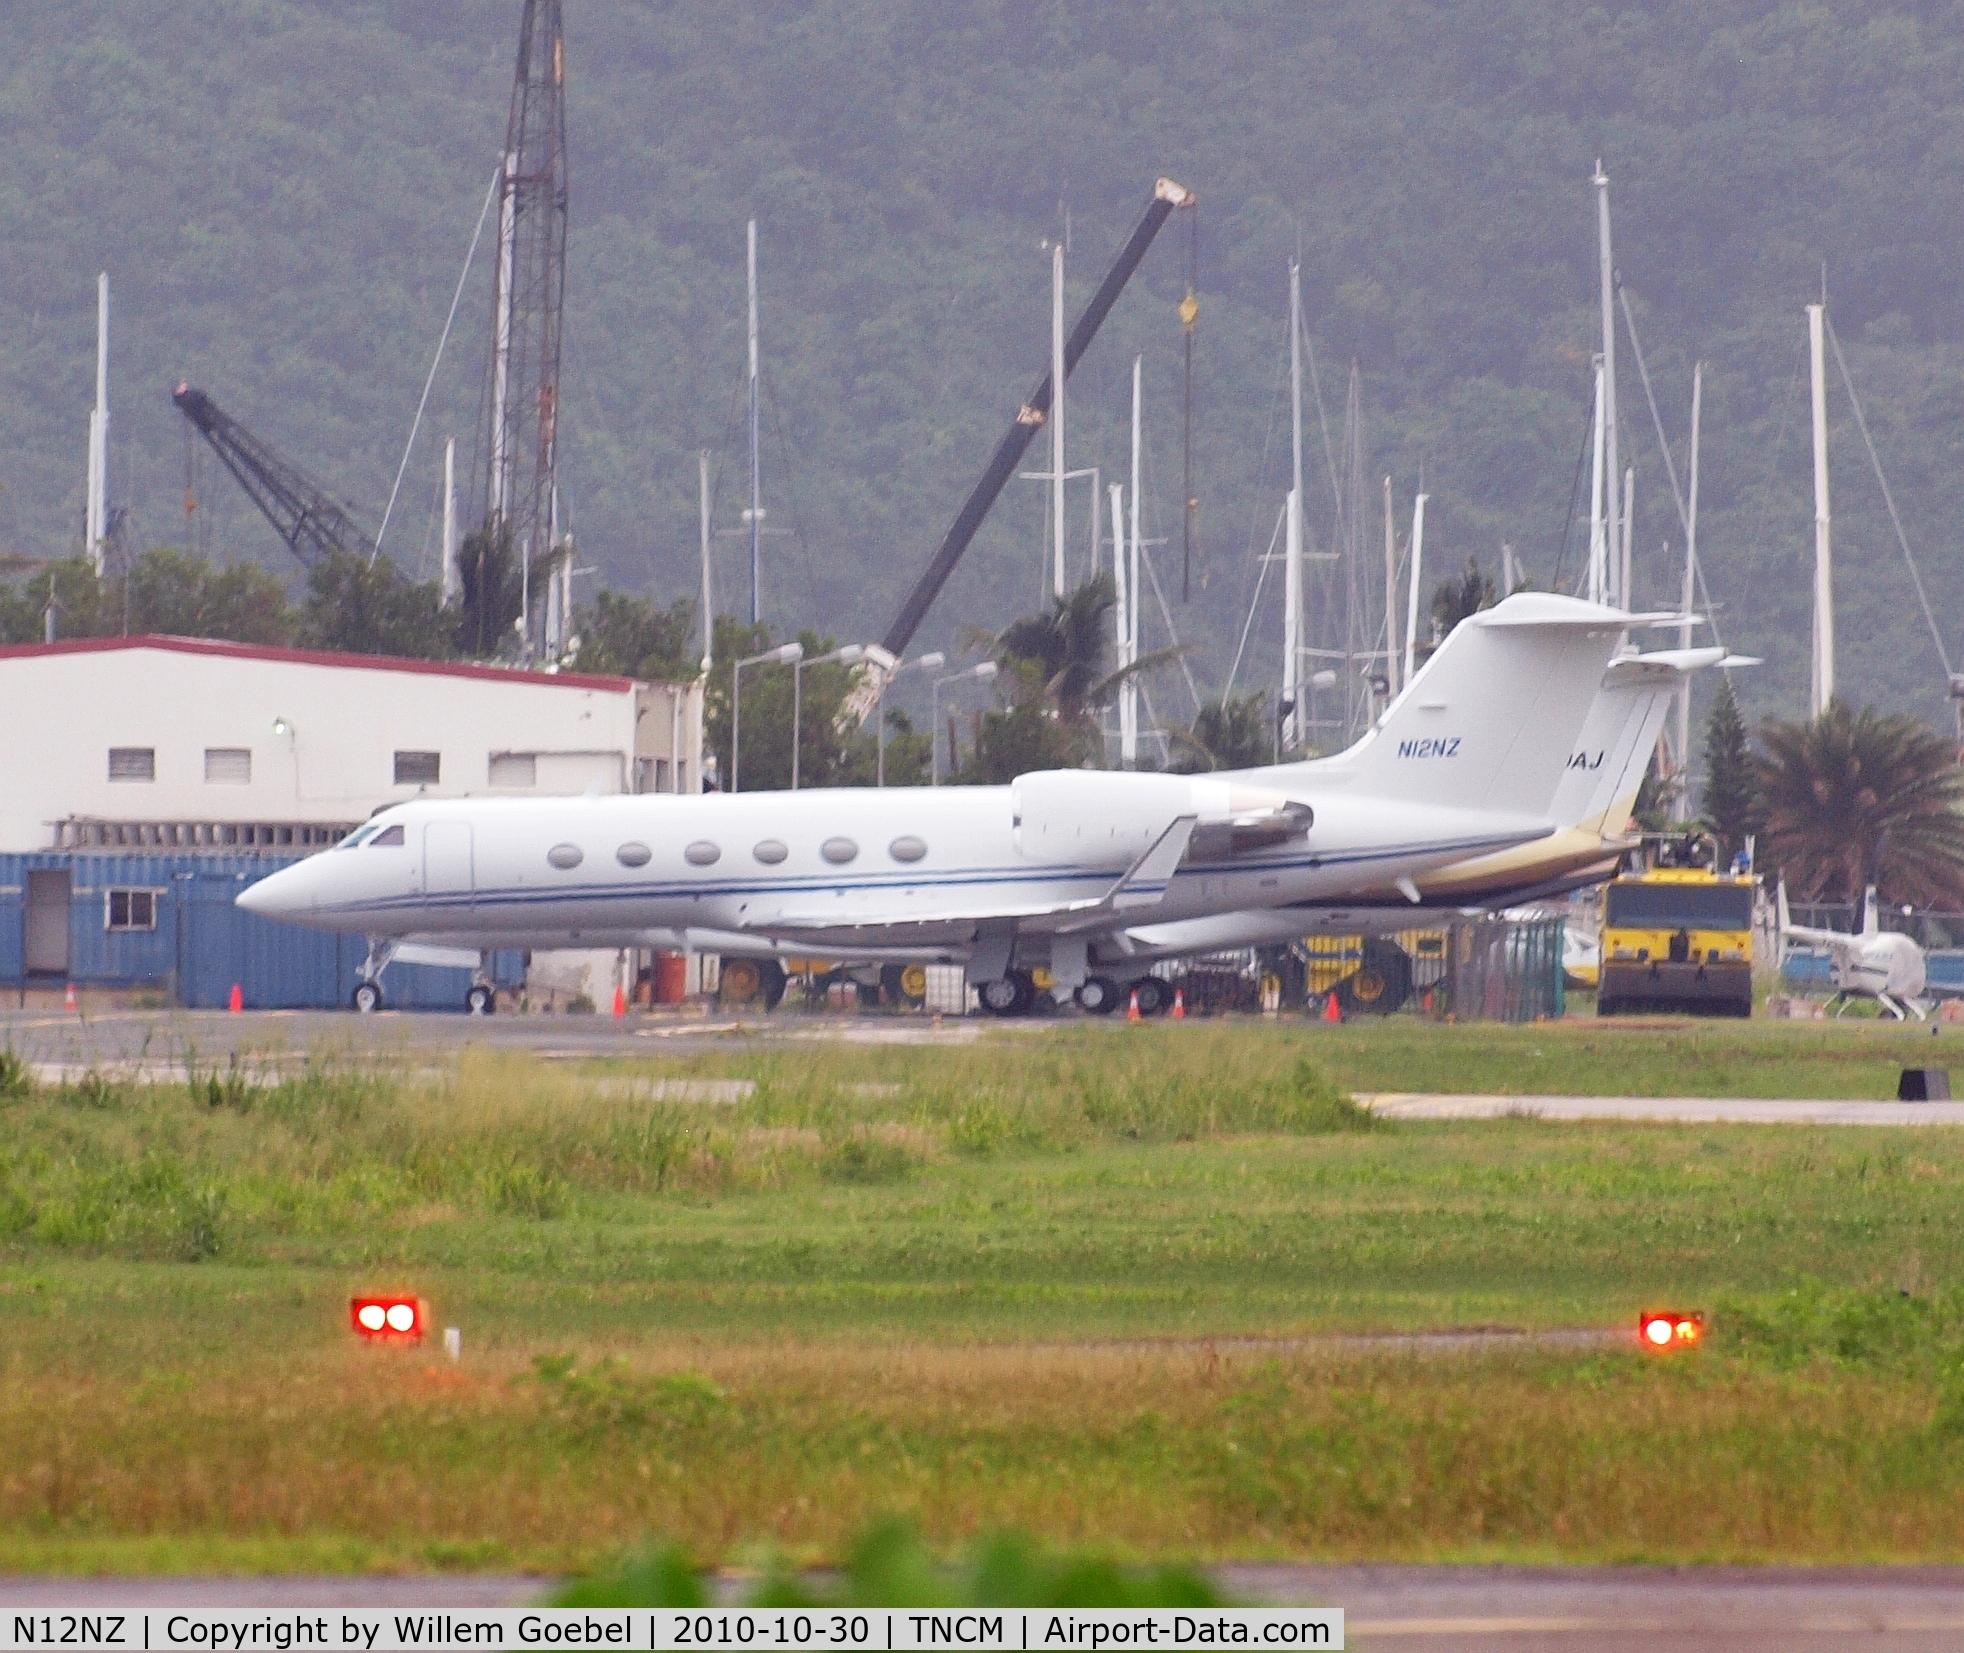 N12NZ, 1999 Gulfstream Aerospace G-IV C/N 1376, Parking on Prinses Juliana Airport st Maarten